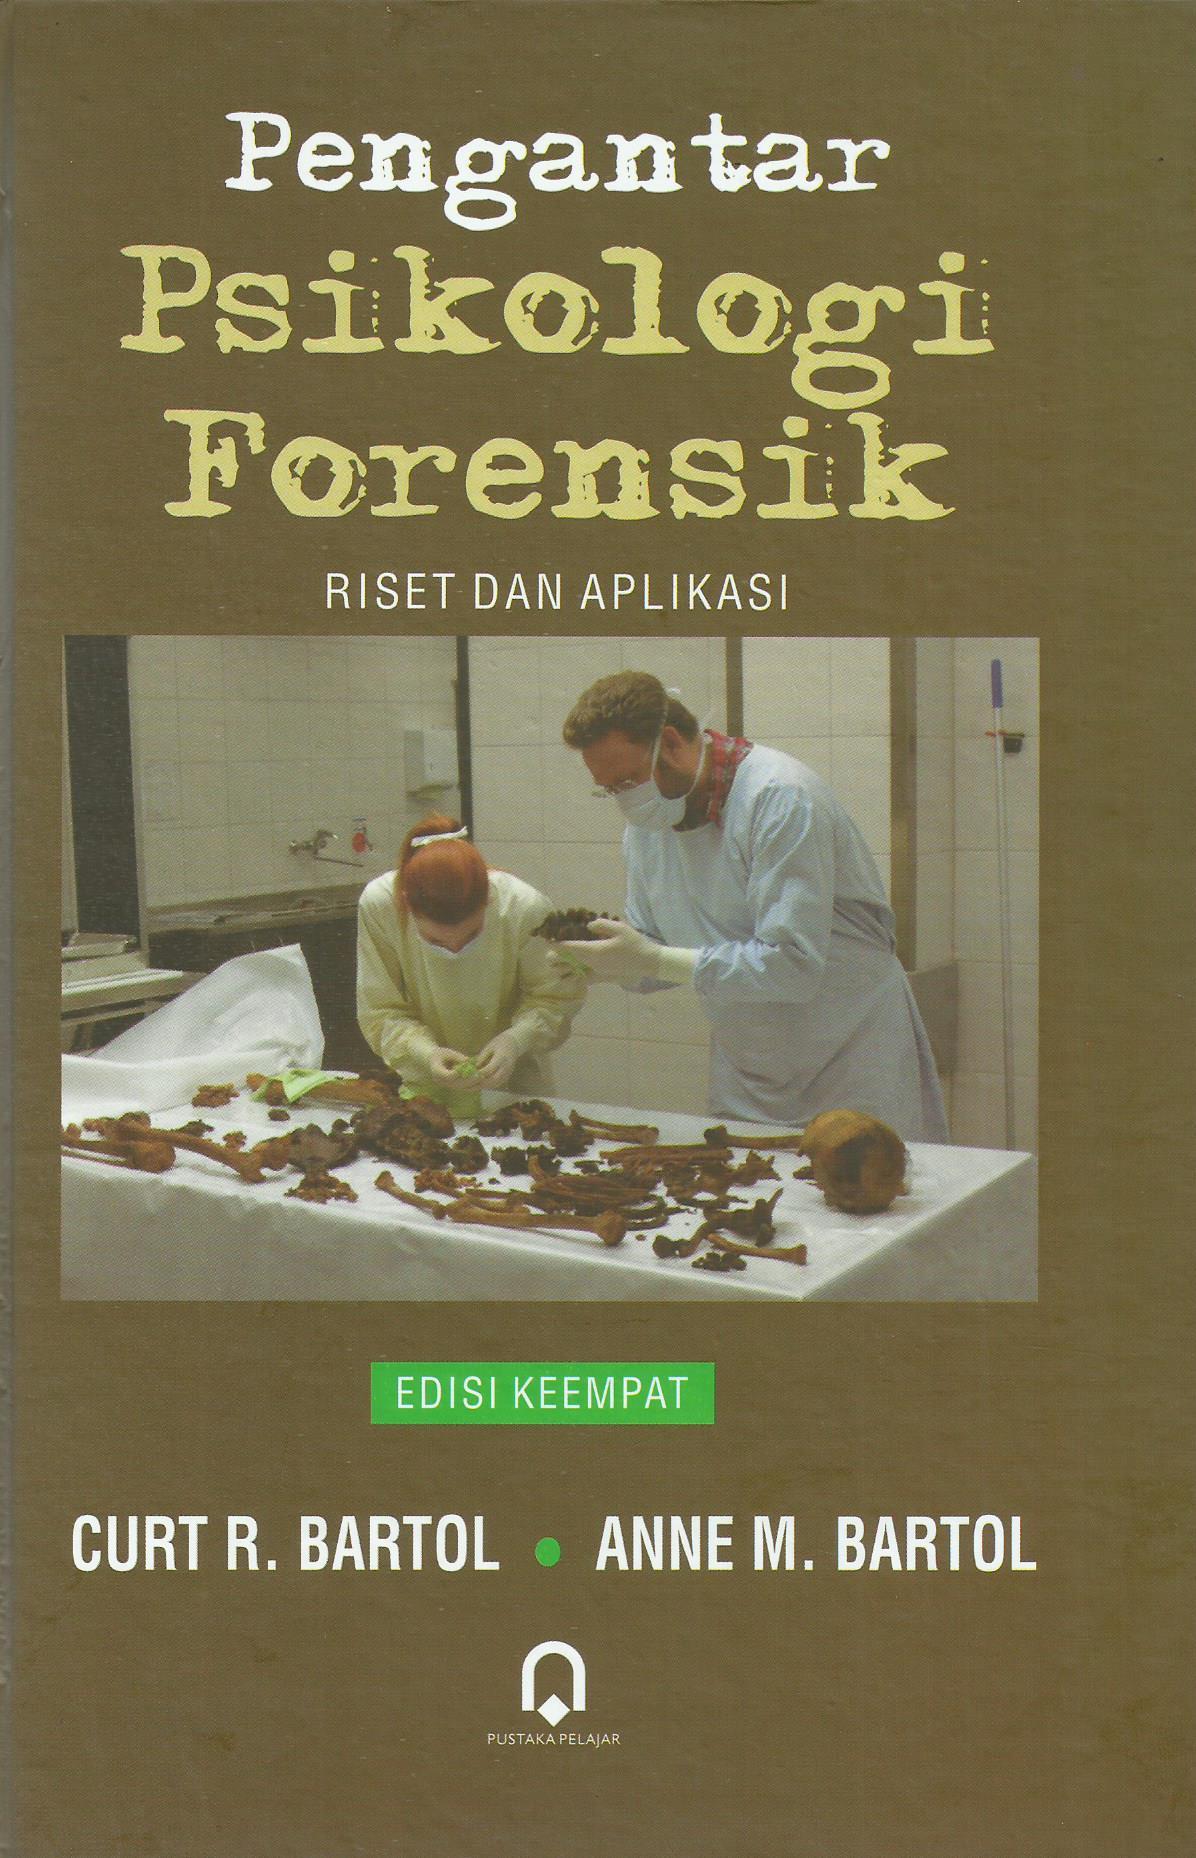 Pengantar Psikologi Forensik Edisi Keempat